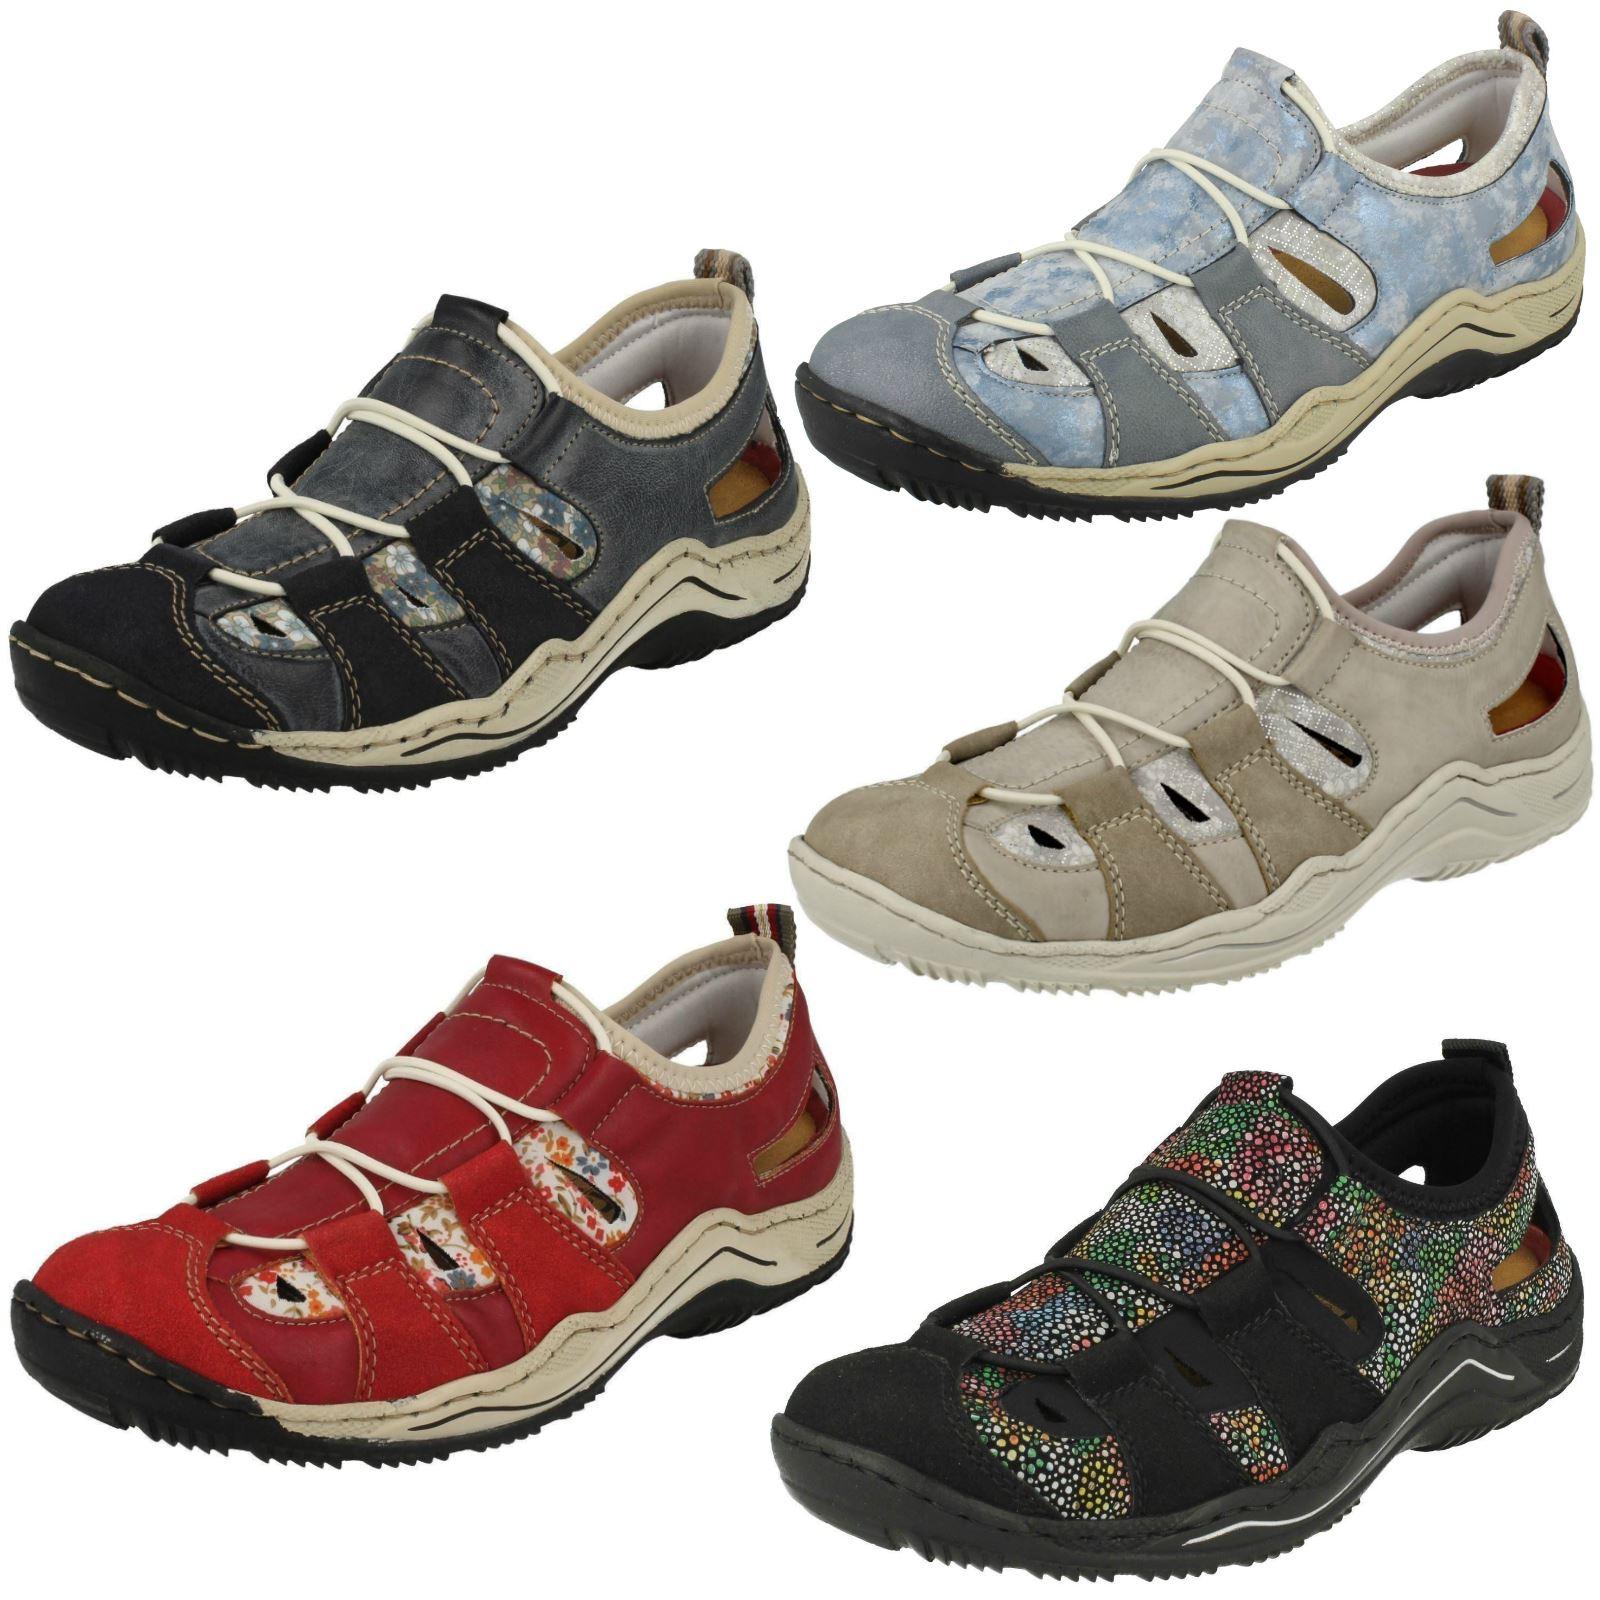 Ladies Rieker L0561 Casual Shoes   eBay